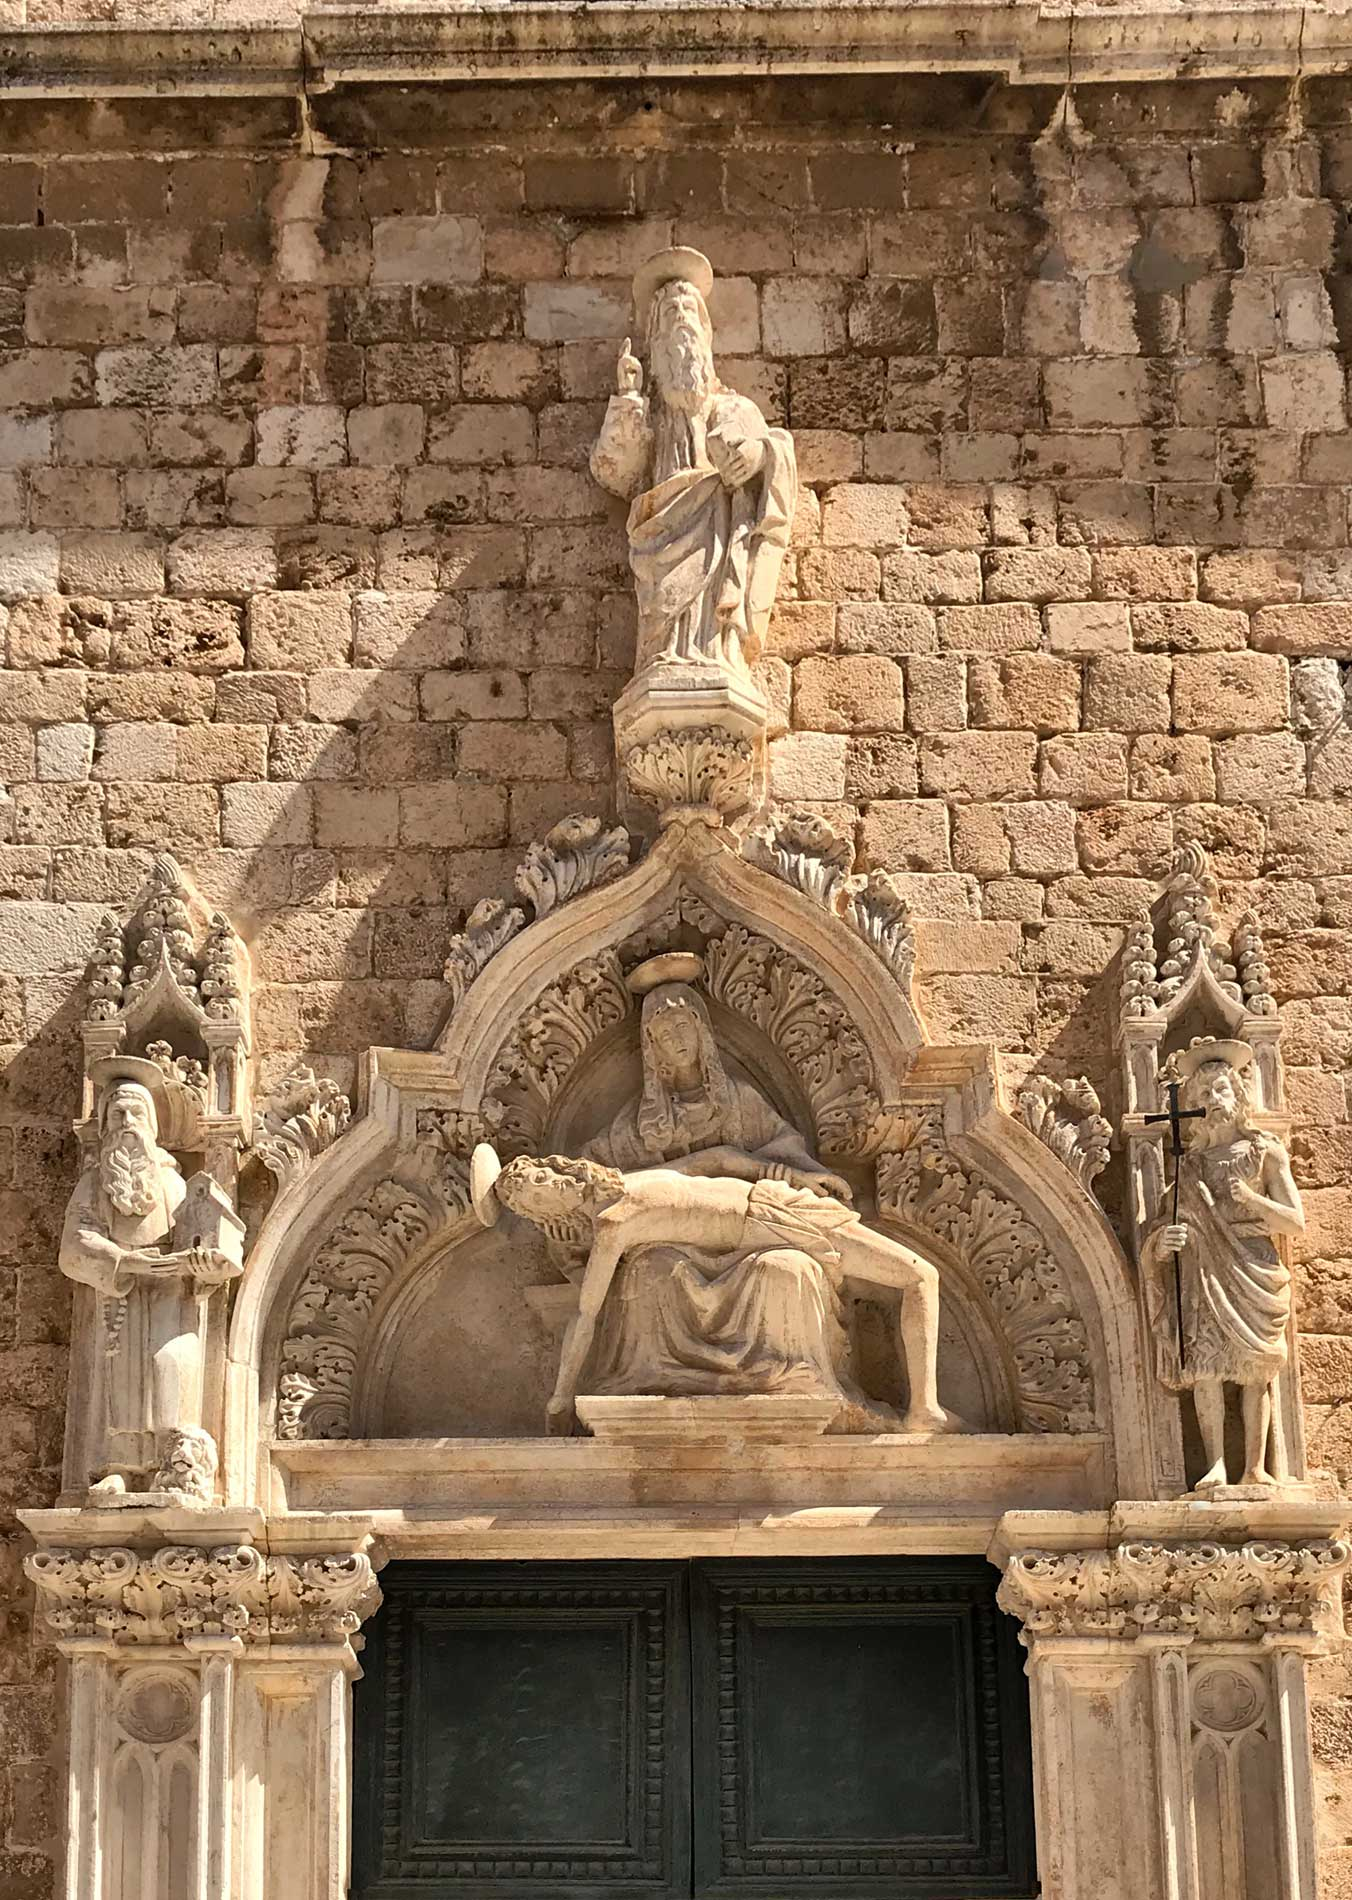 Dubrovnik-Croazia-chiesa-monastero-di-San-Francesco-portale-scolpito